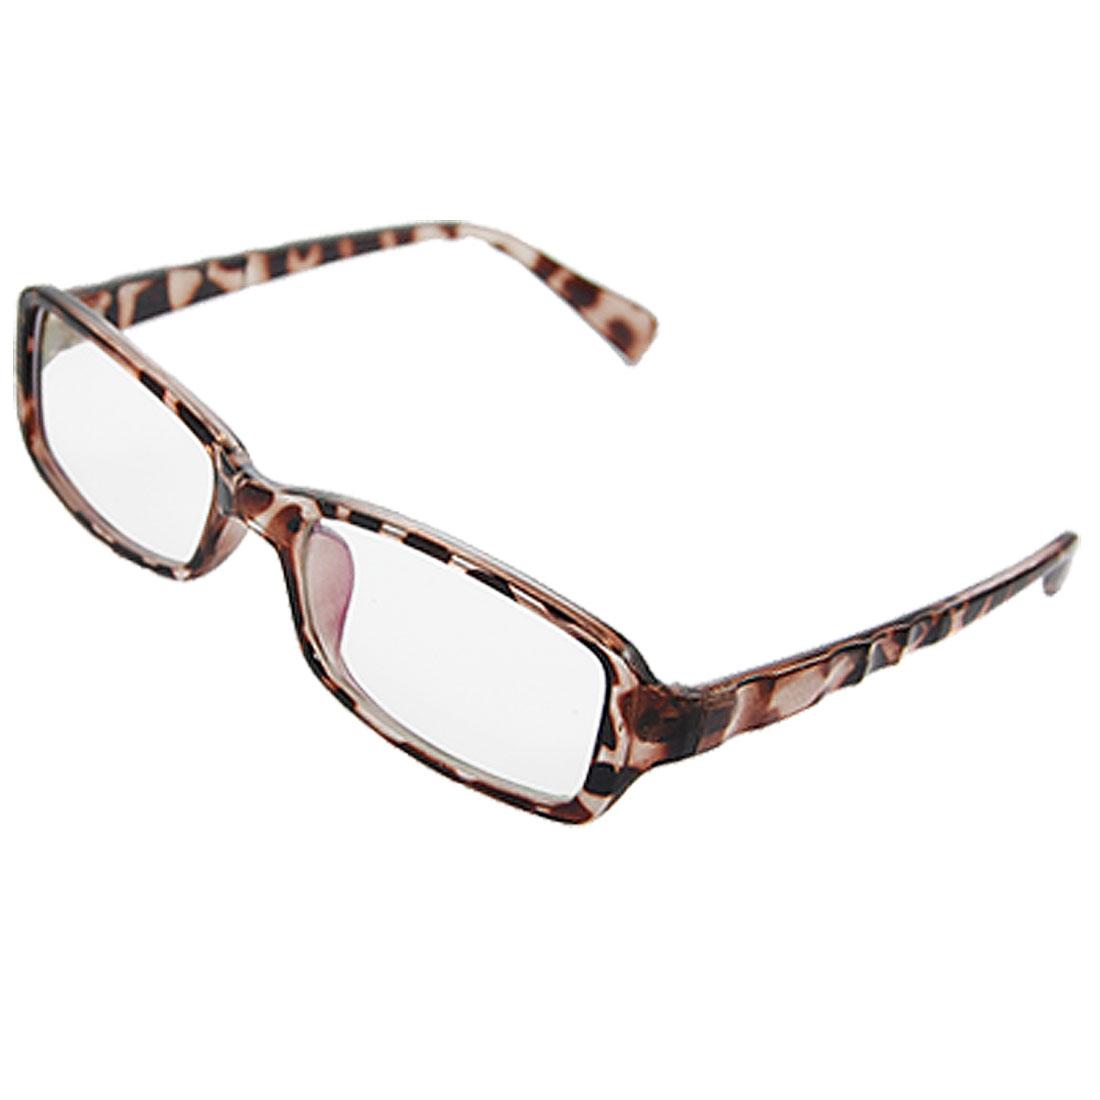 Leopard Printed Plastic Full Frame MC Lens Plano Glasses for Lady